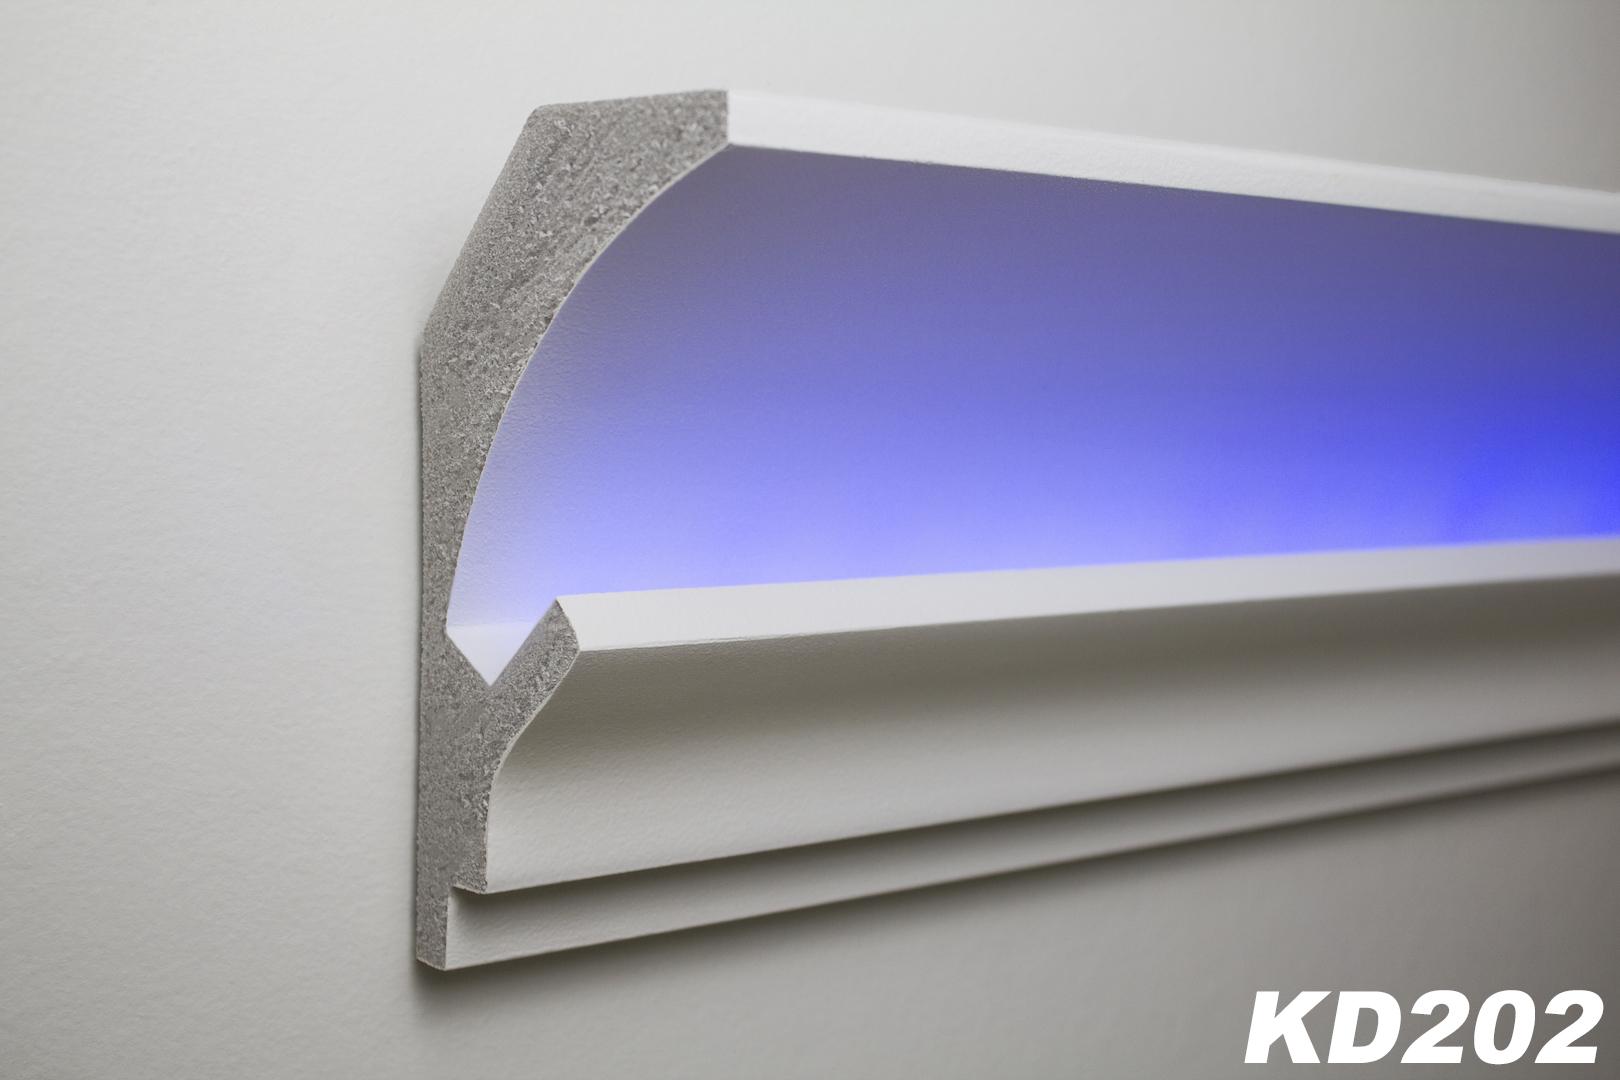 1 15 meter led stuckleiste f r indirekte beleuchtung xps 150x90 kd202 ebay. Black Bedroom Furniture Sets. Home Design Ideas